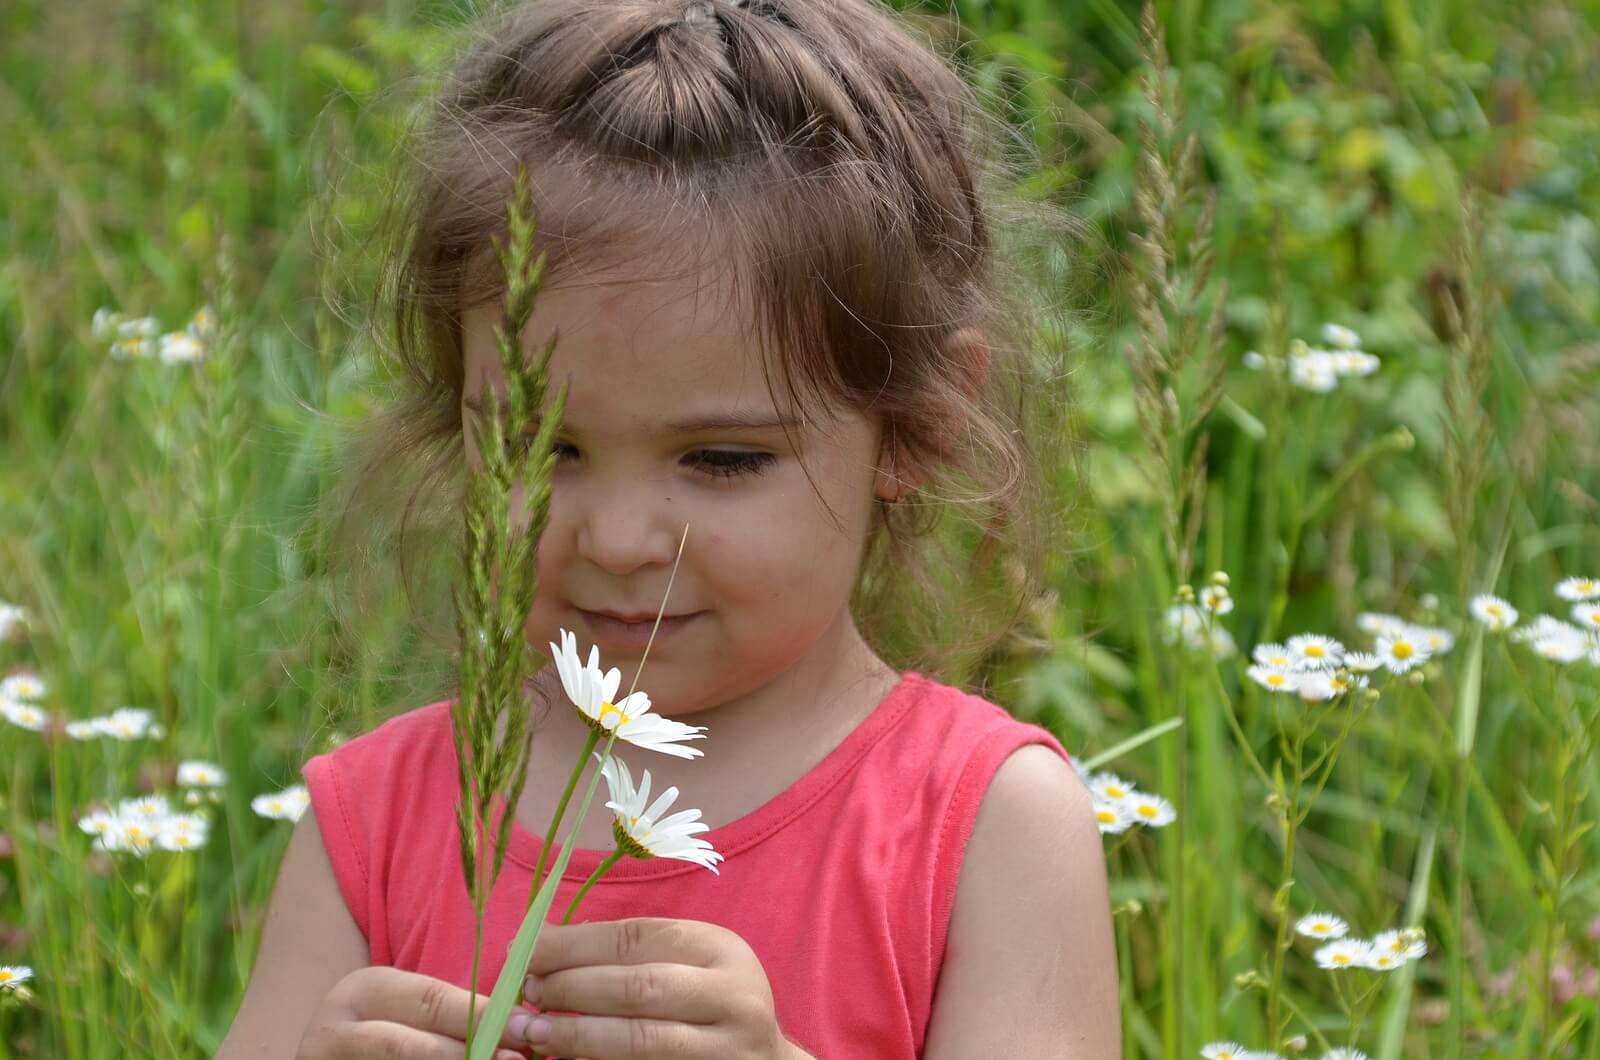 Niña oliendo flores en campo.